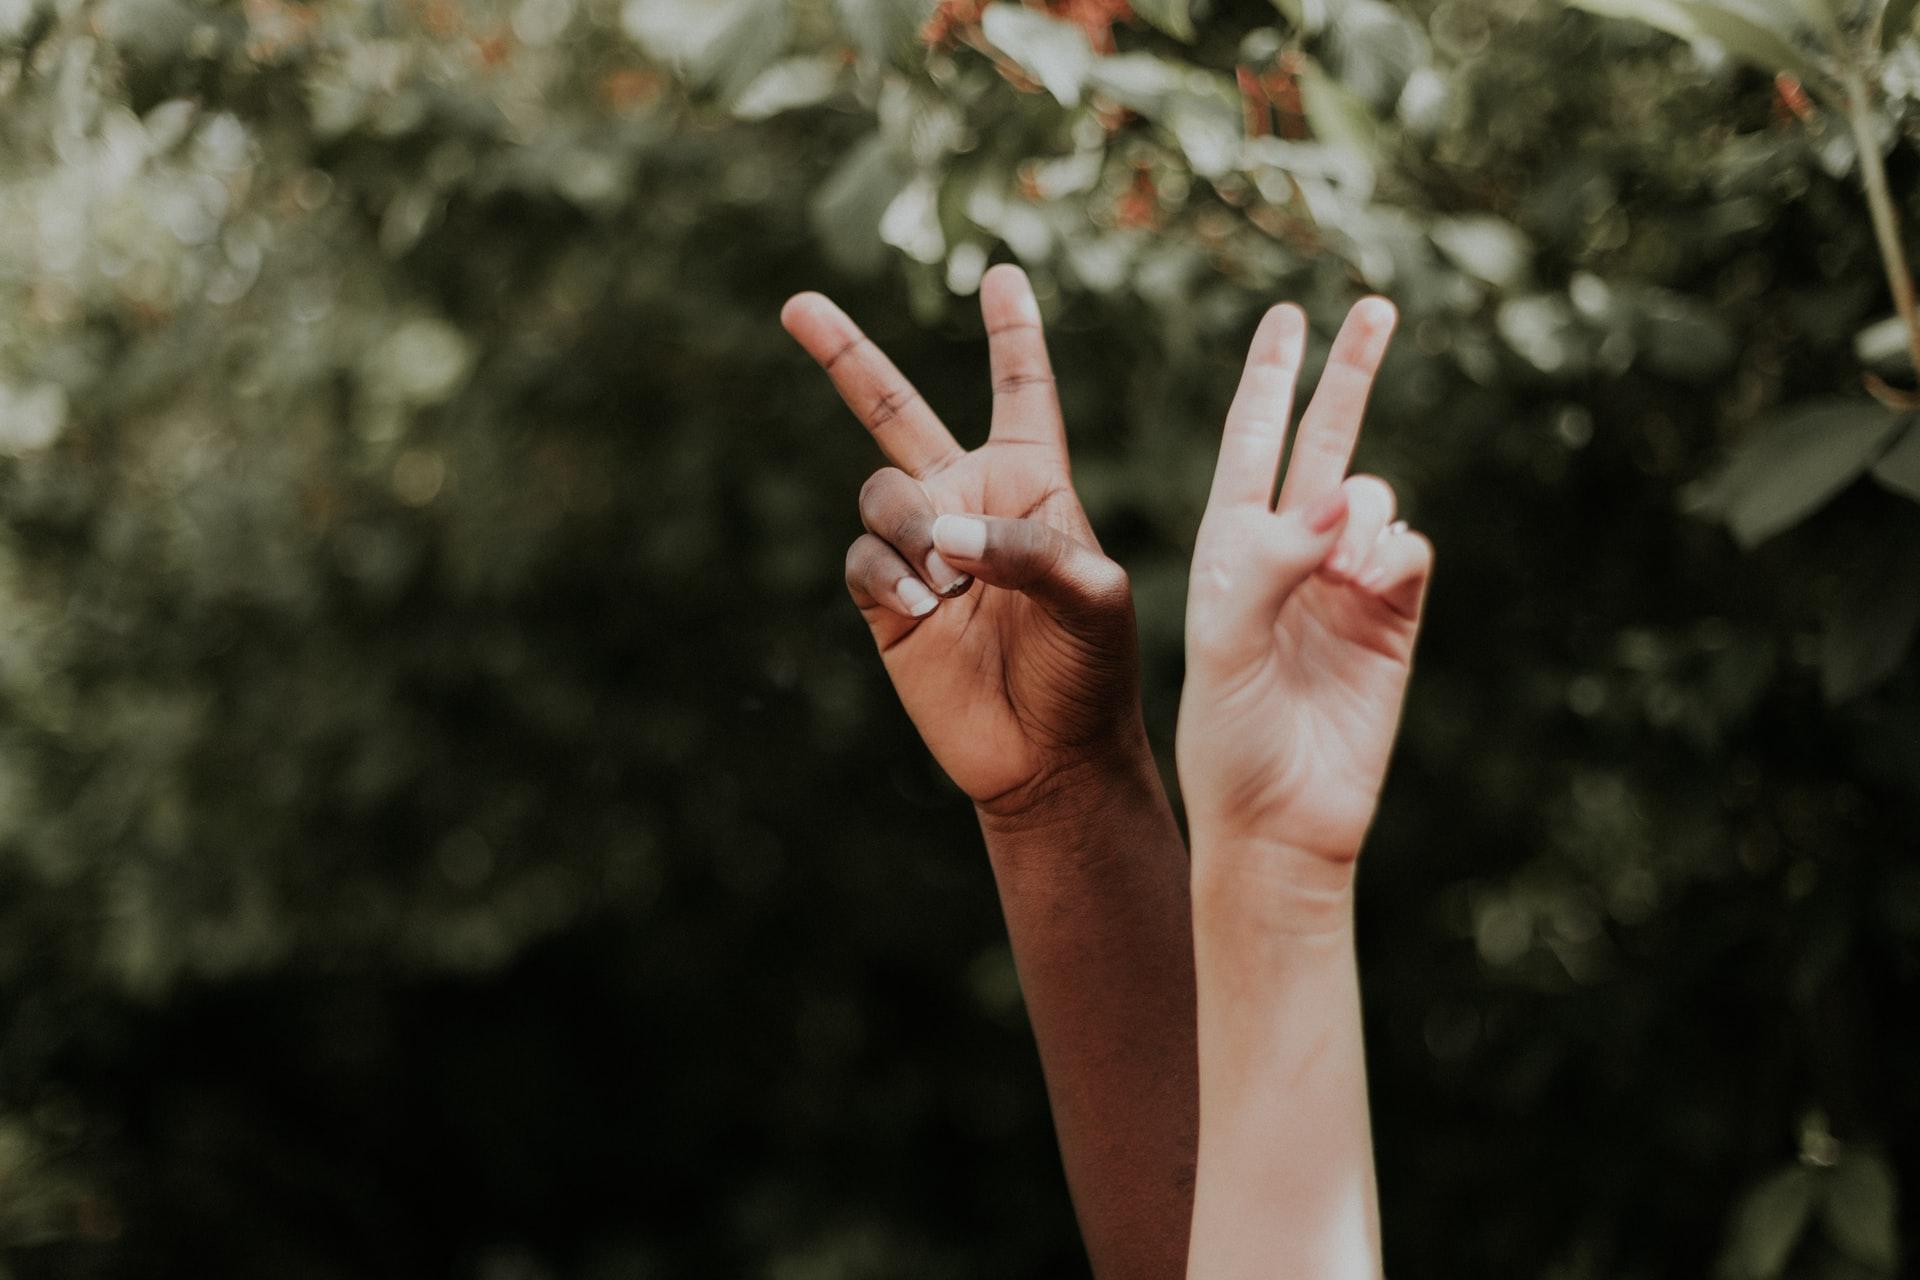 目標16「平和と公正をすべての人に」とは?